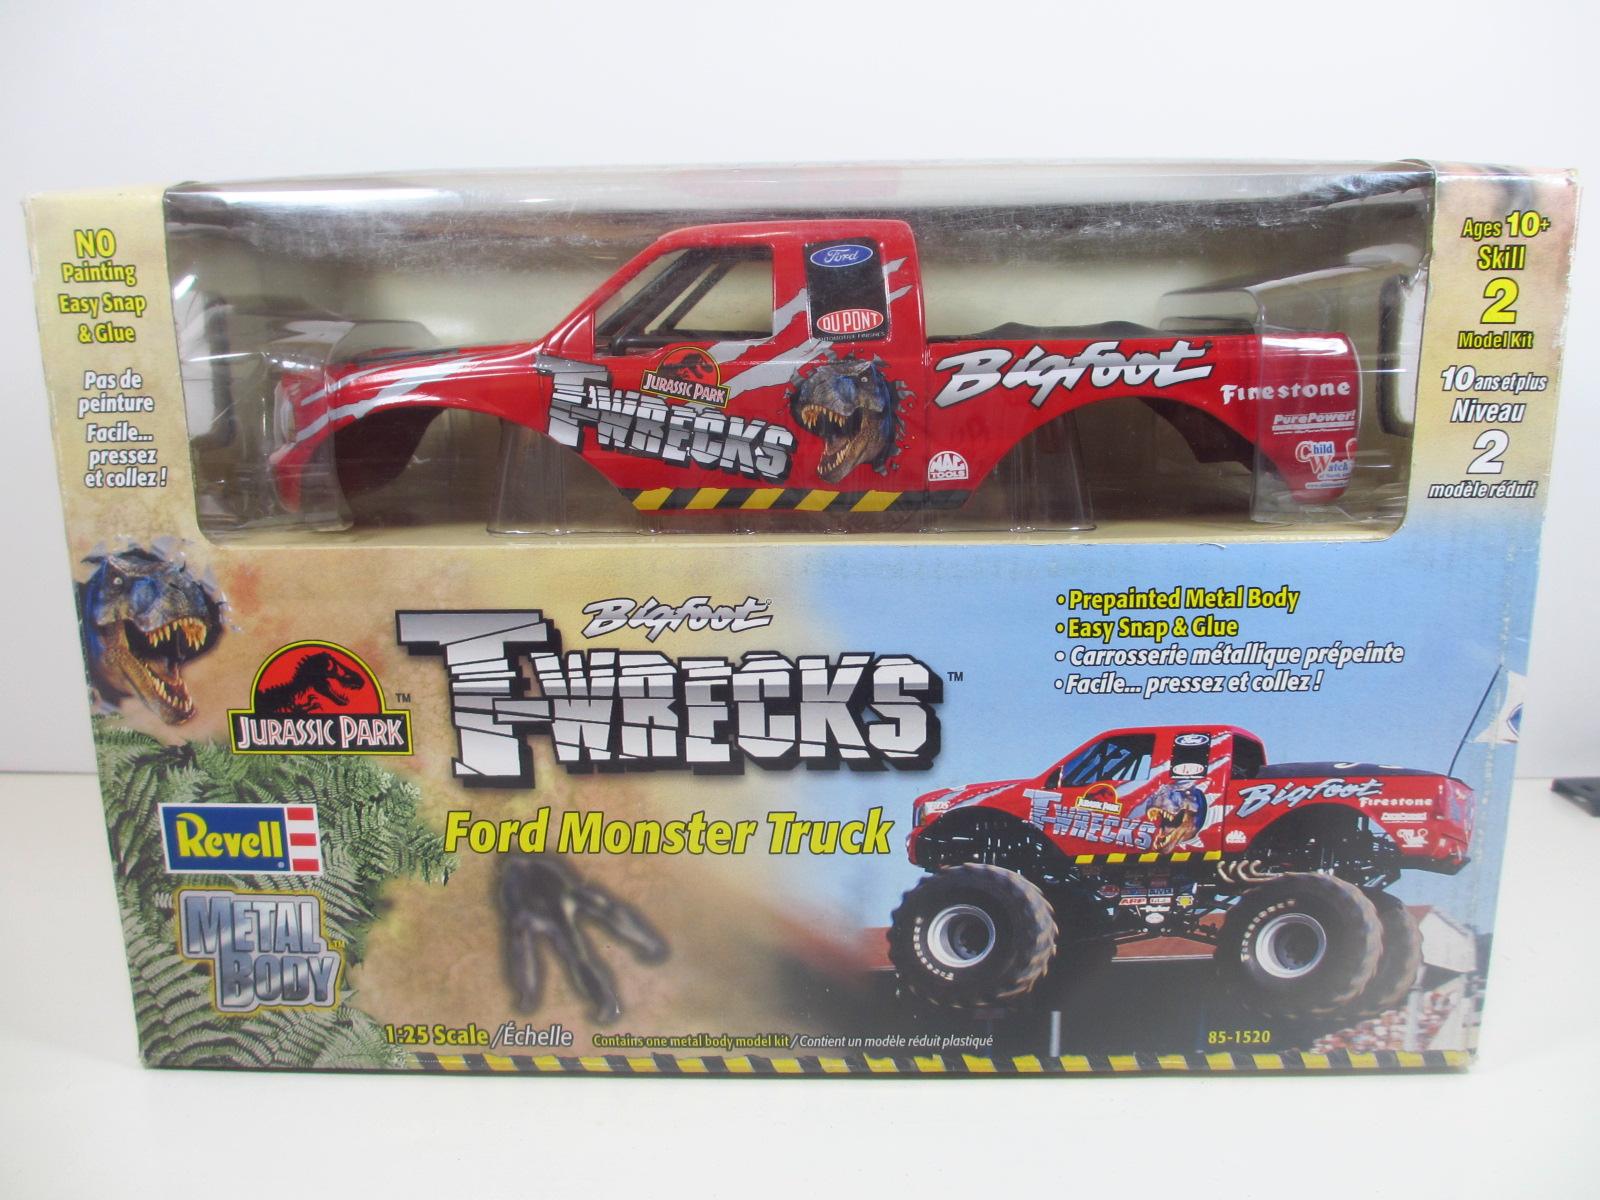 Revell 1/25  Ford Monster Truck  Jurassic Park    24-107